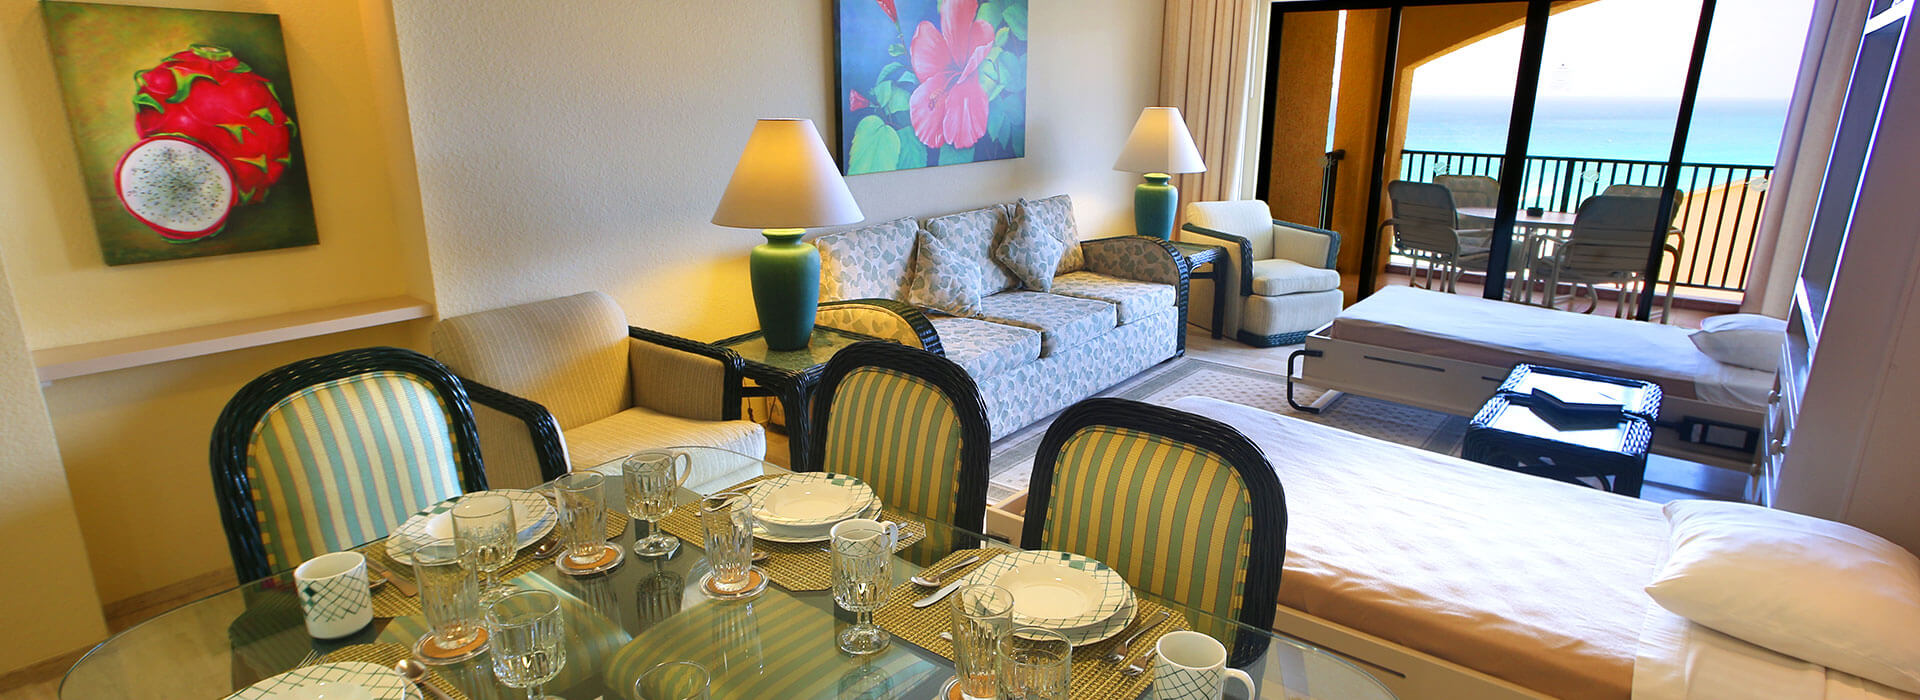 cuarto familiar en hotel de cancún